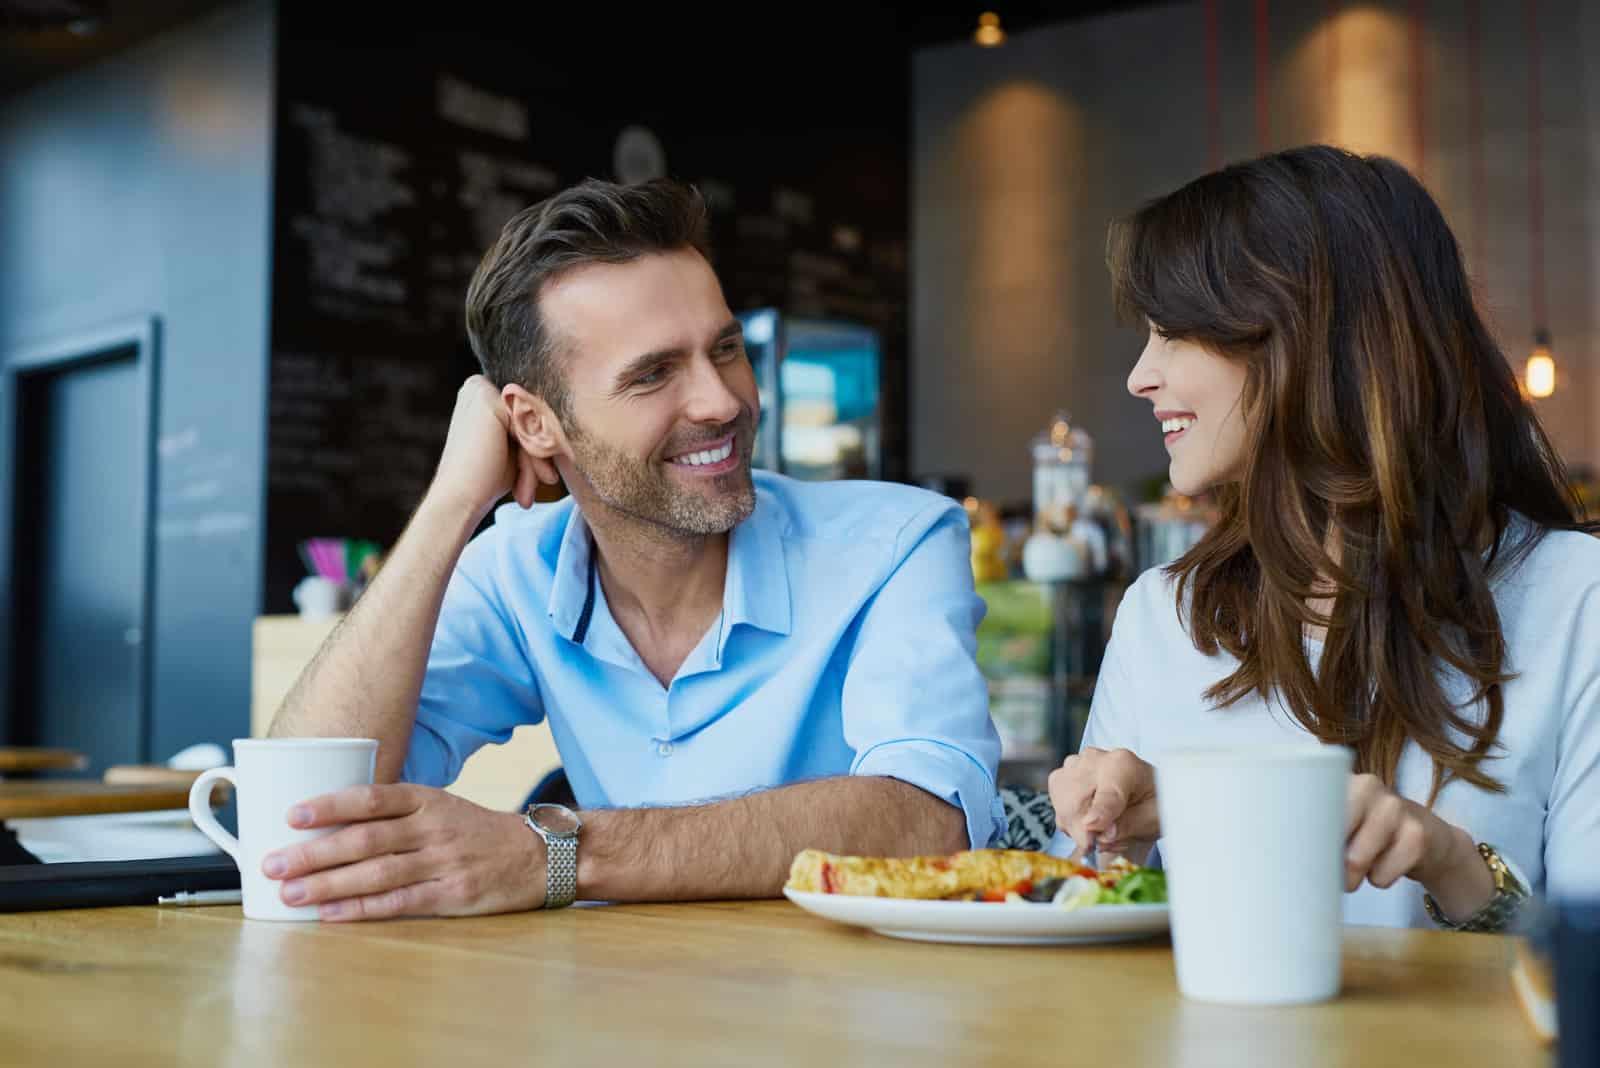 la femme mange et parle à l'homme